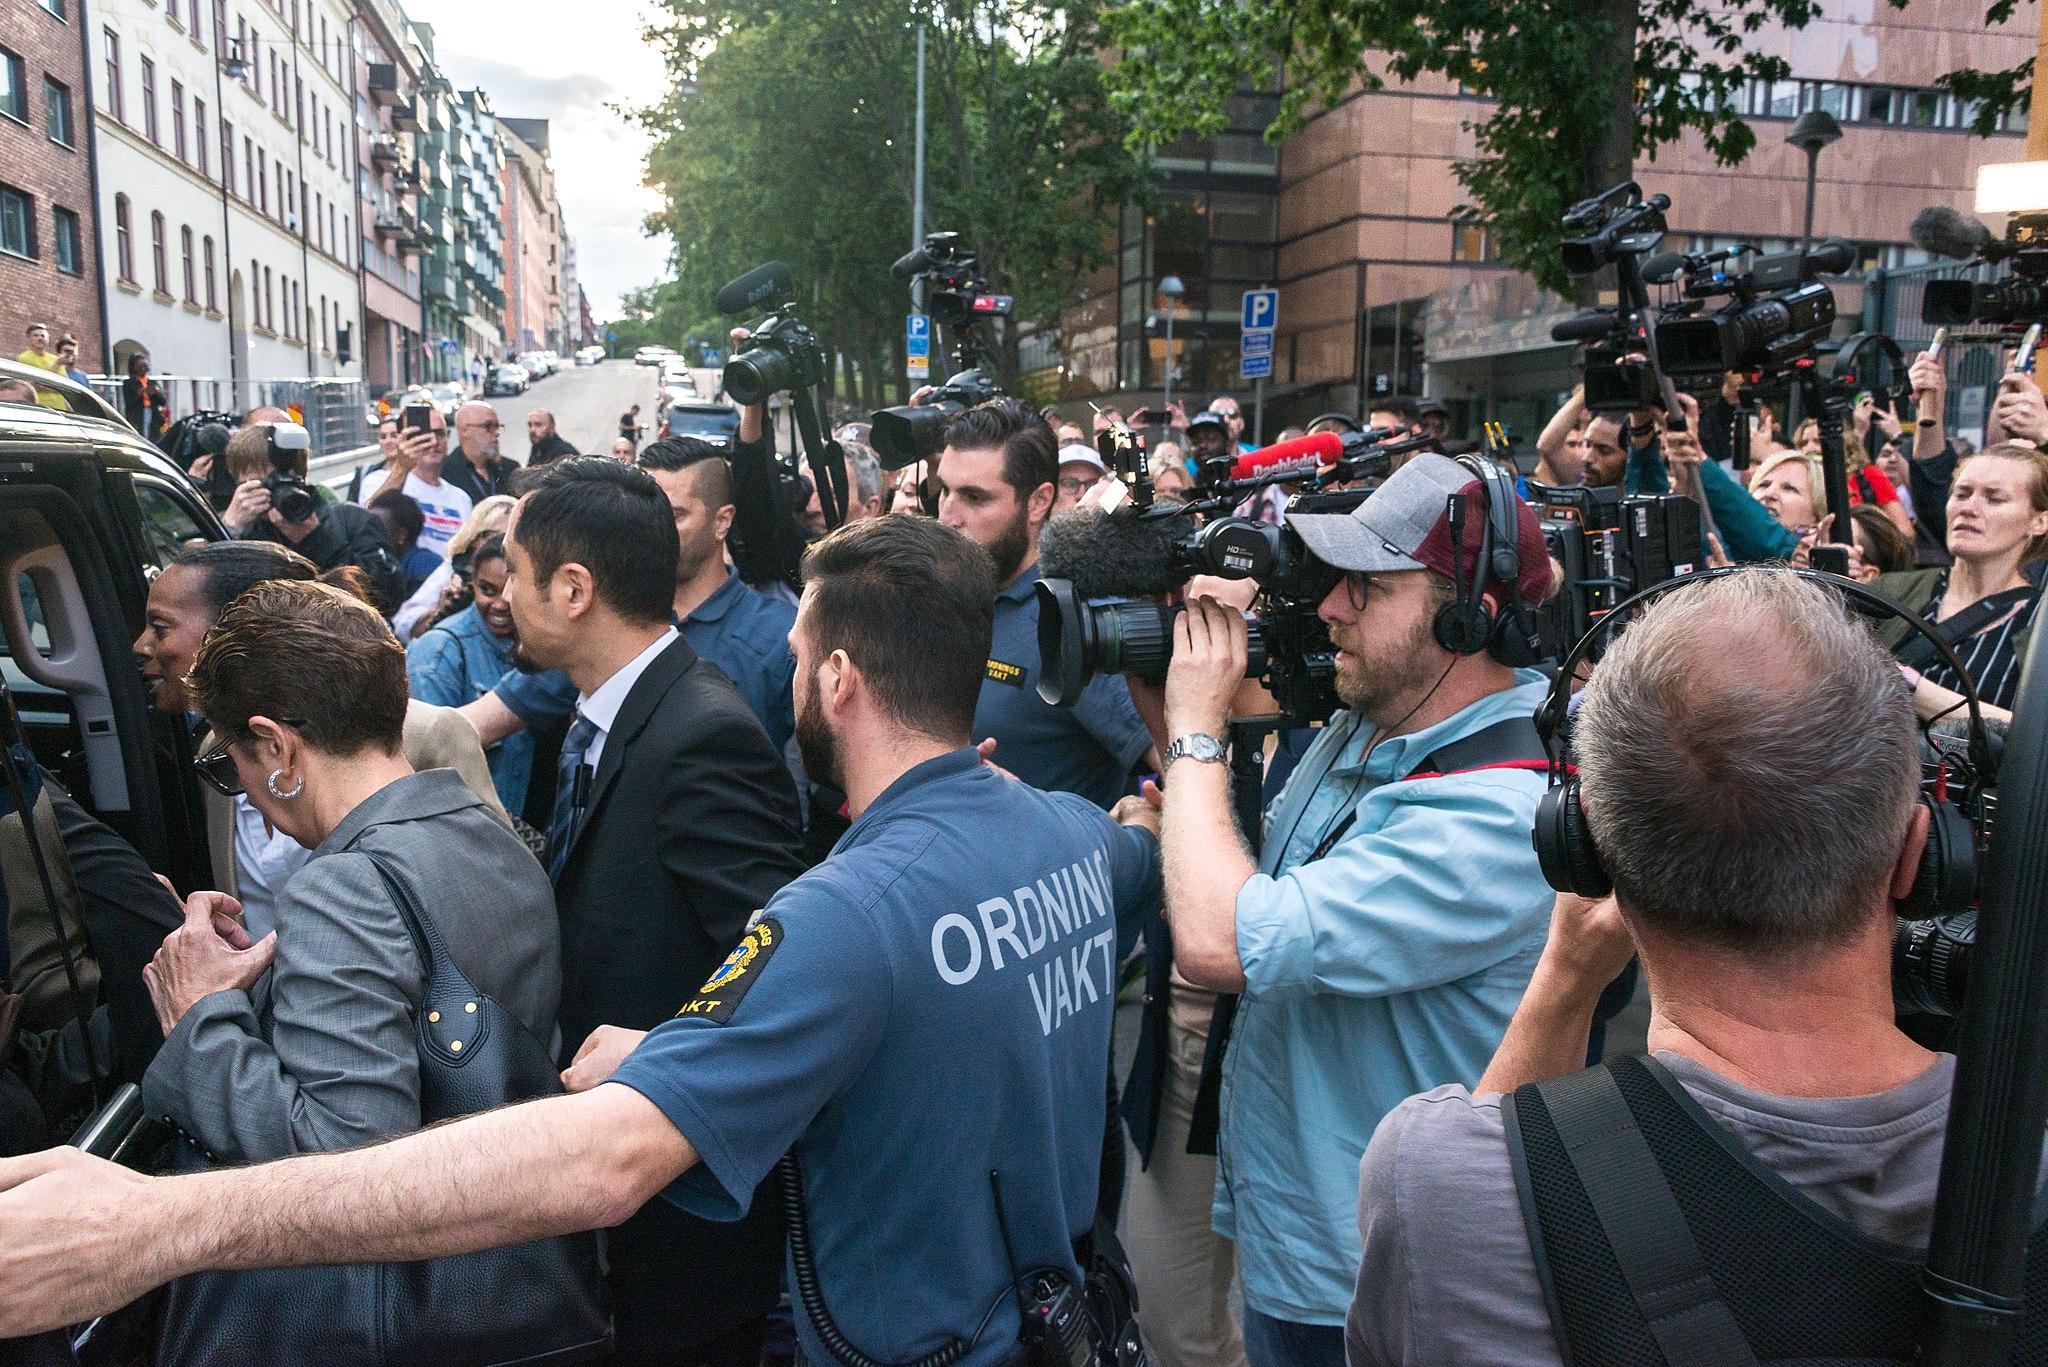 Många journalister när ASAP Rocky släpps fri